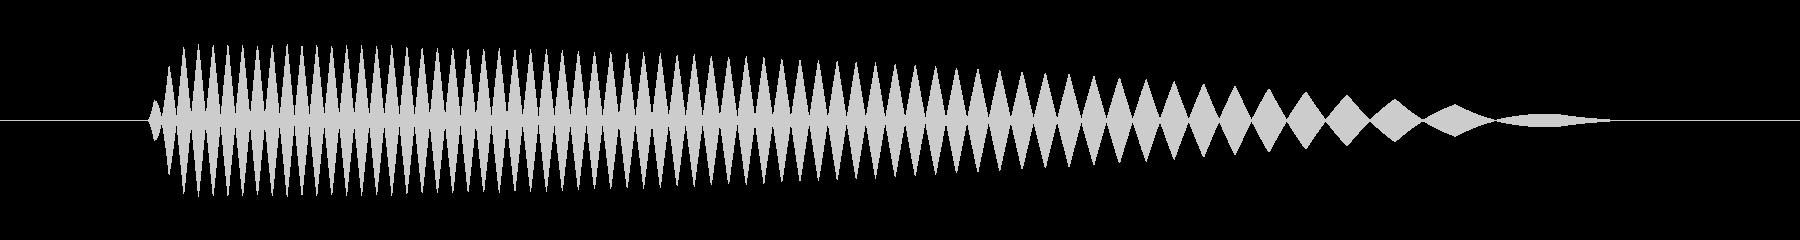 間違った答えのブザーが落ちるの未再生の波形